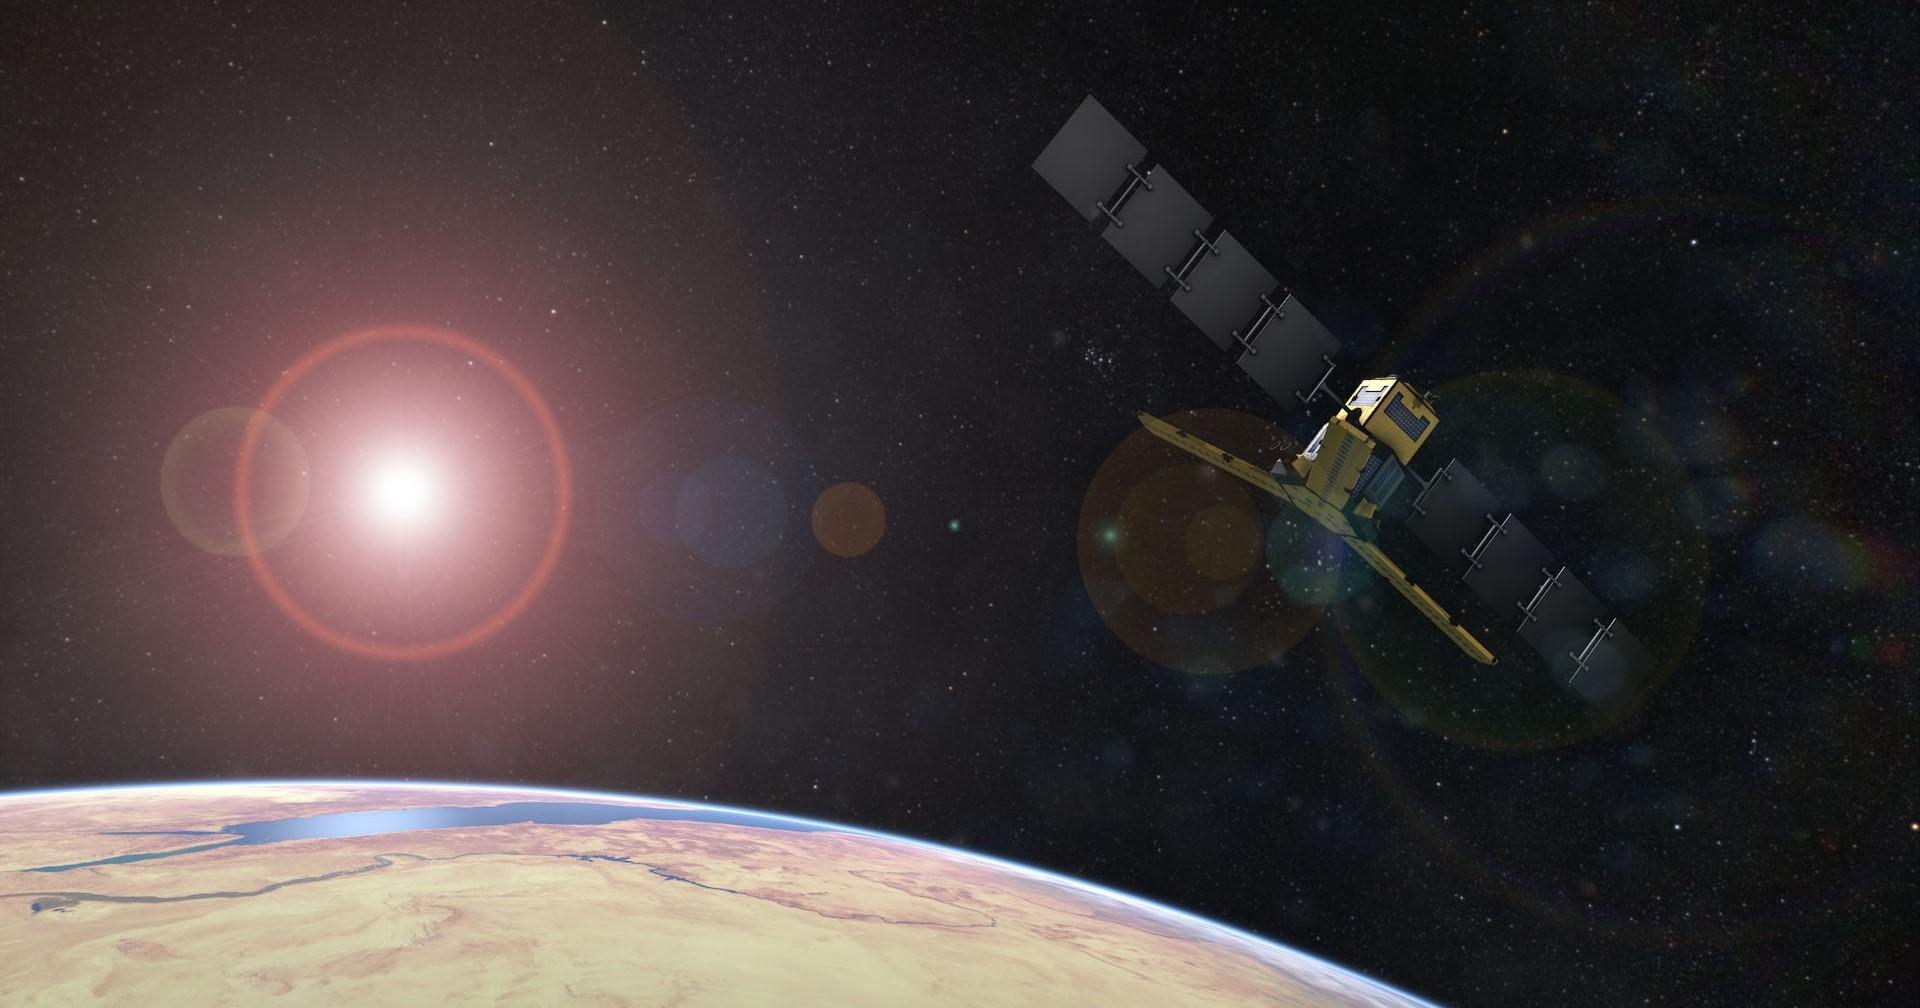 SMOS ser fuktigheten i jordsmonnet og saltholdigheten i havet, men kan også brukes til å varsle om utbrudd på sola og romværet rundt jorda. Illustrasjon: ESA